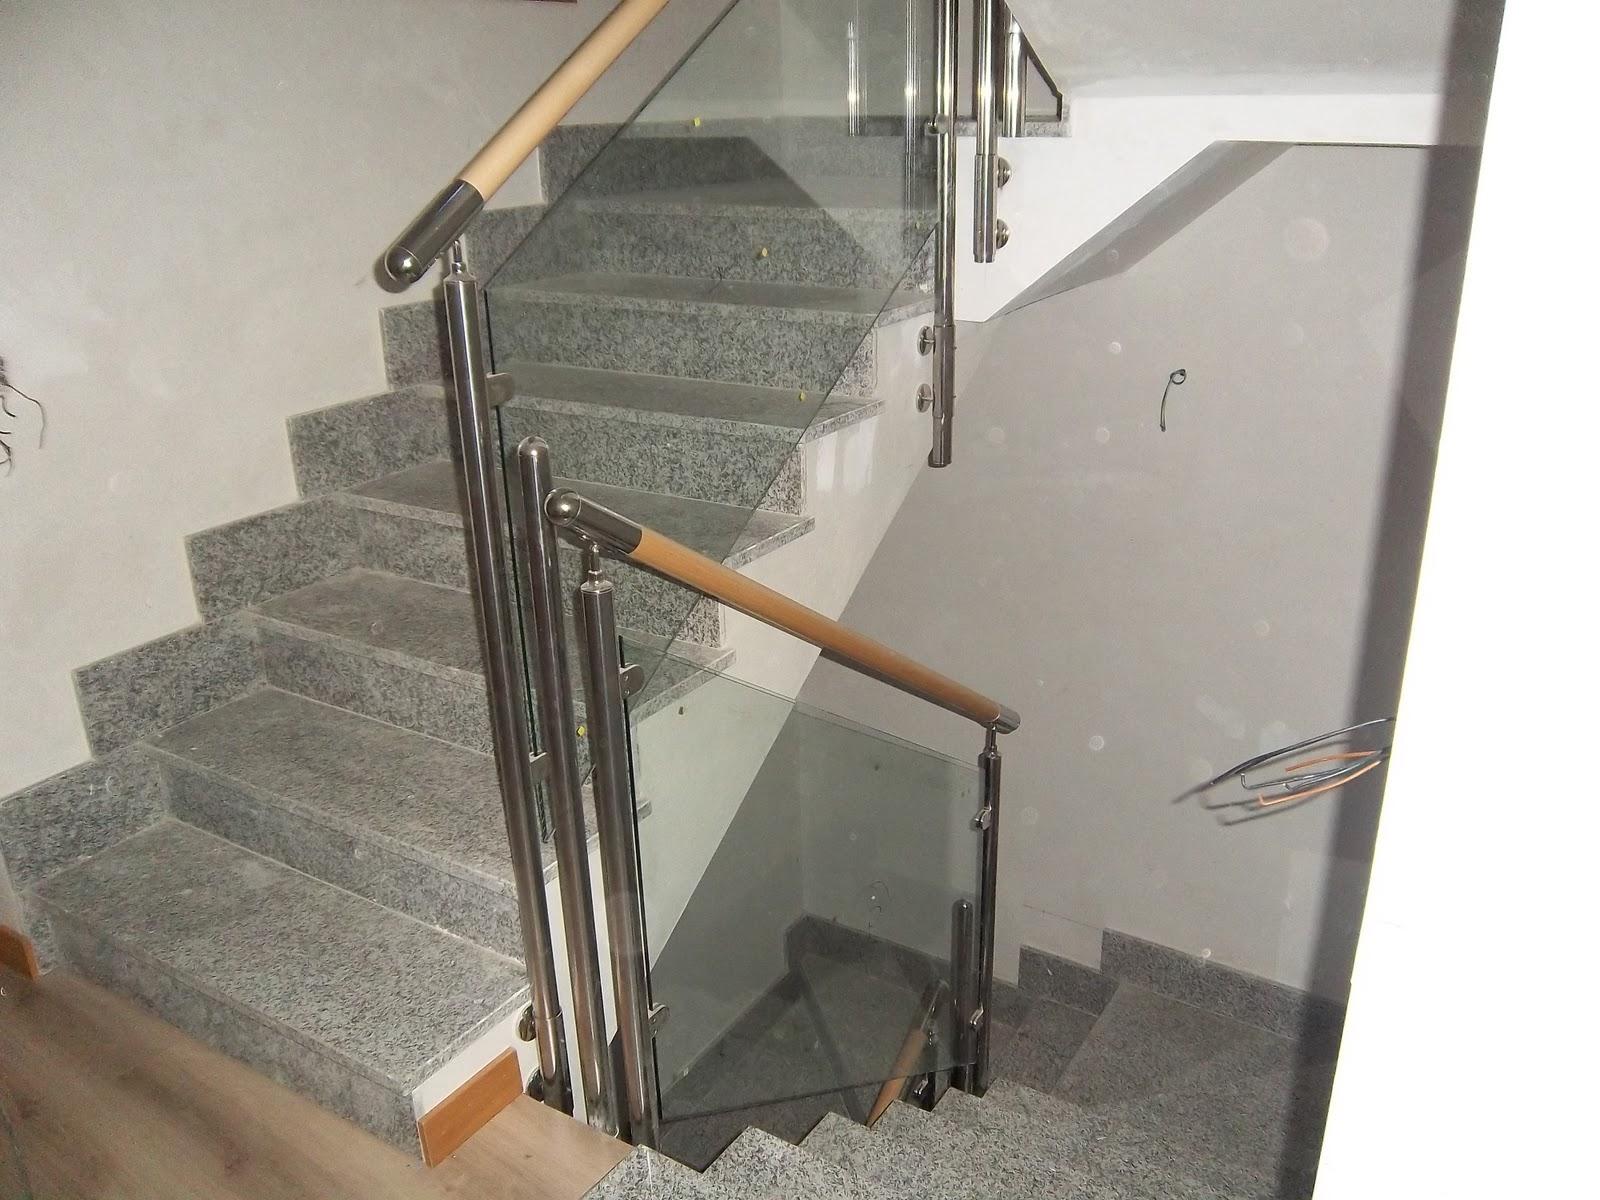 Norbel carpinteria met lica y acero inoxidable barandilla - Escaleras de cristal y madera ...